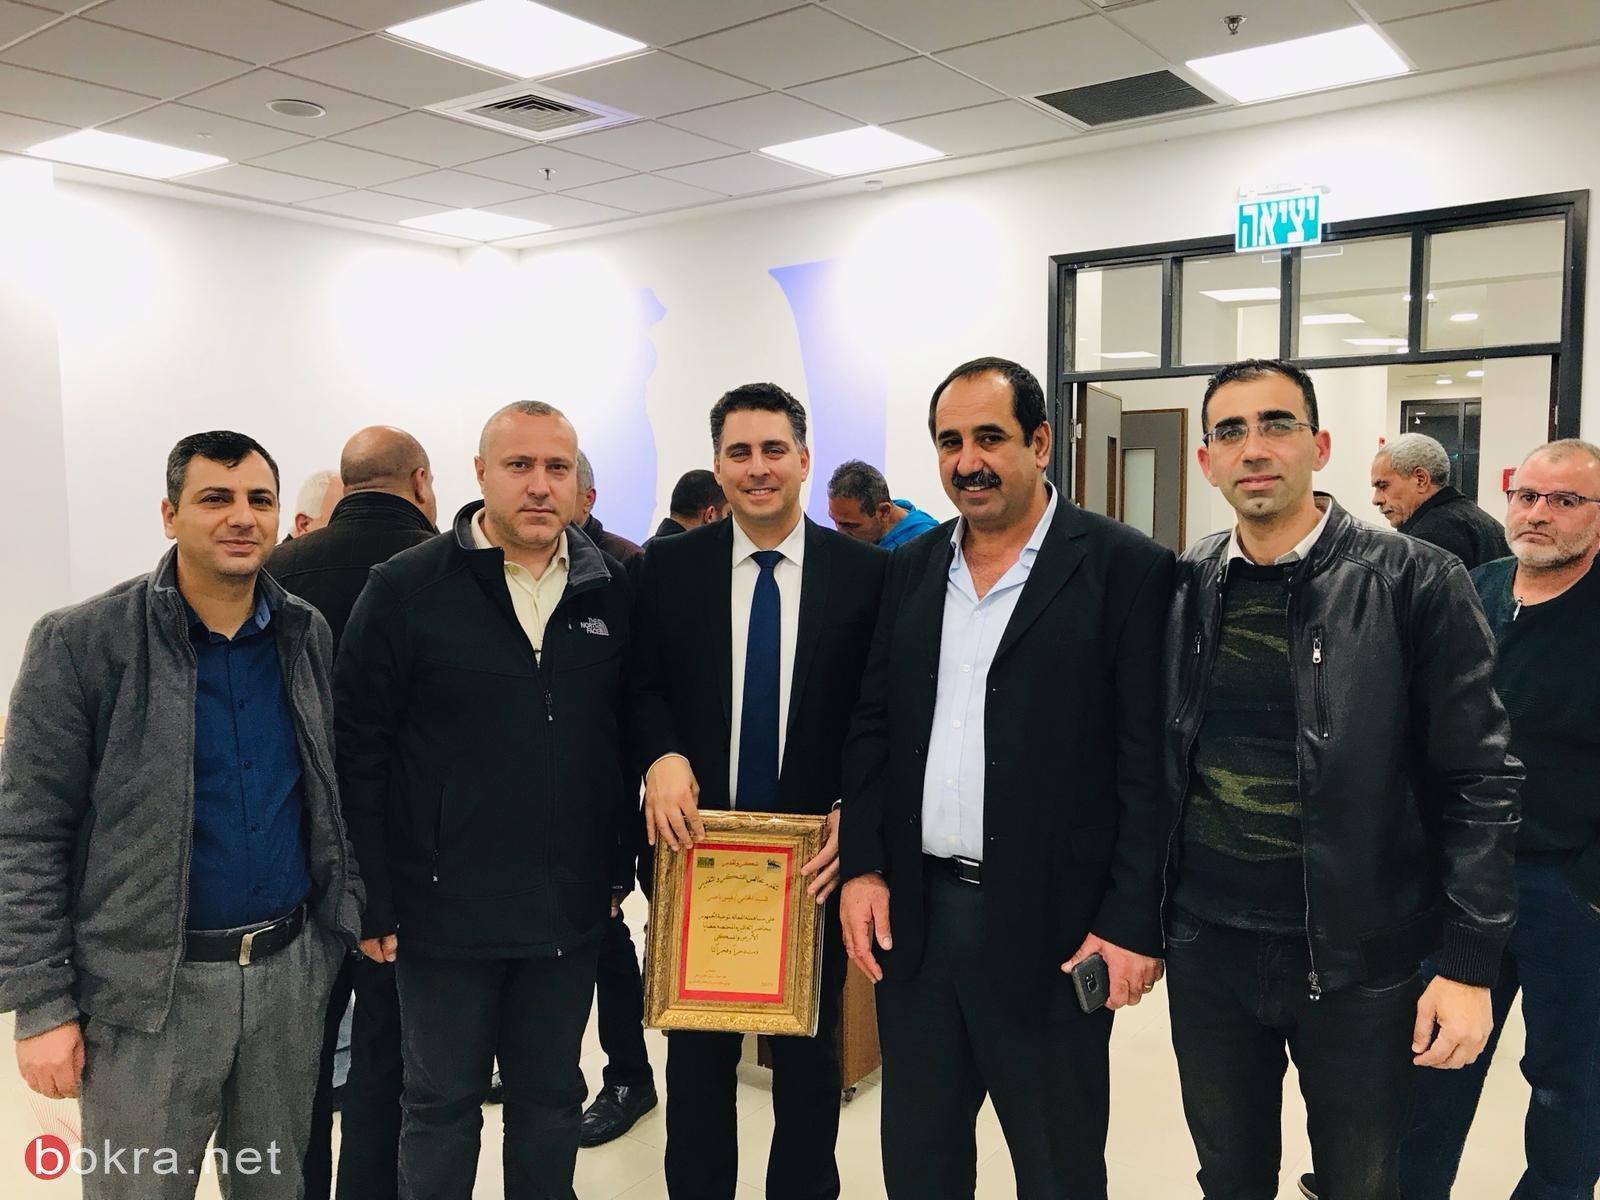 المزرعة تستضيف المحامي قيس ناصر بمحاضرة عن قضايا الارض والمسكن